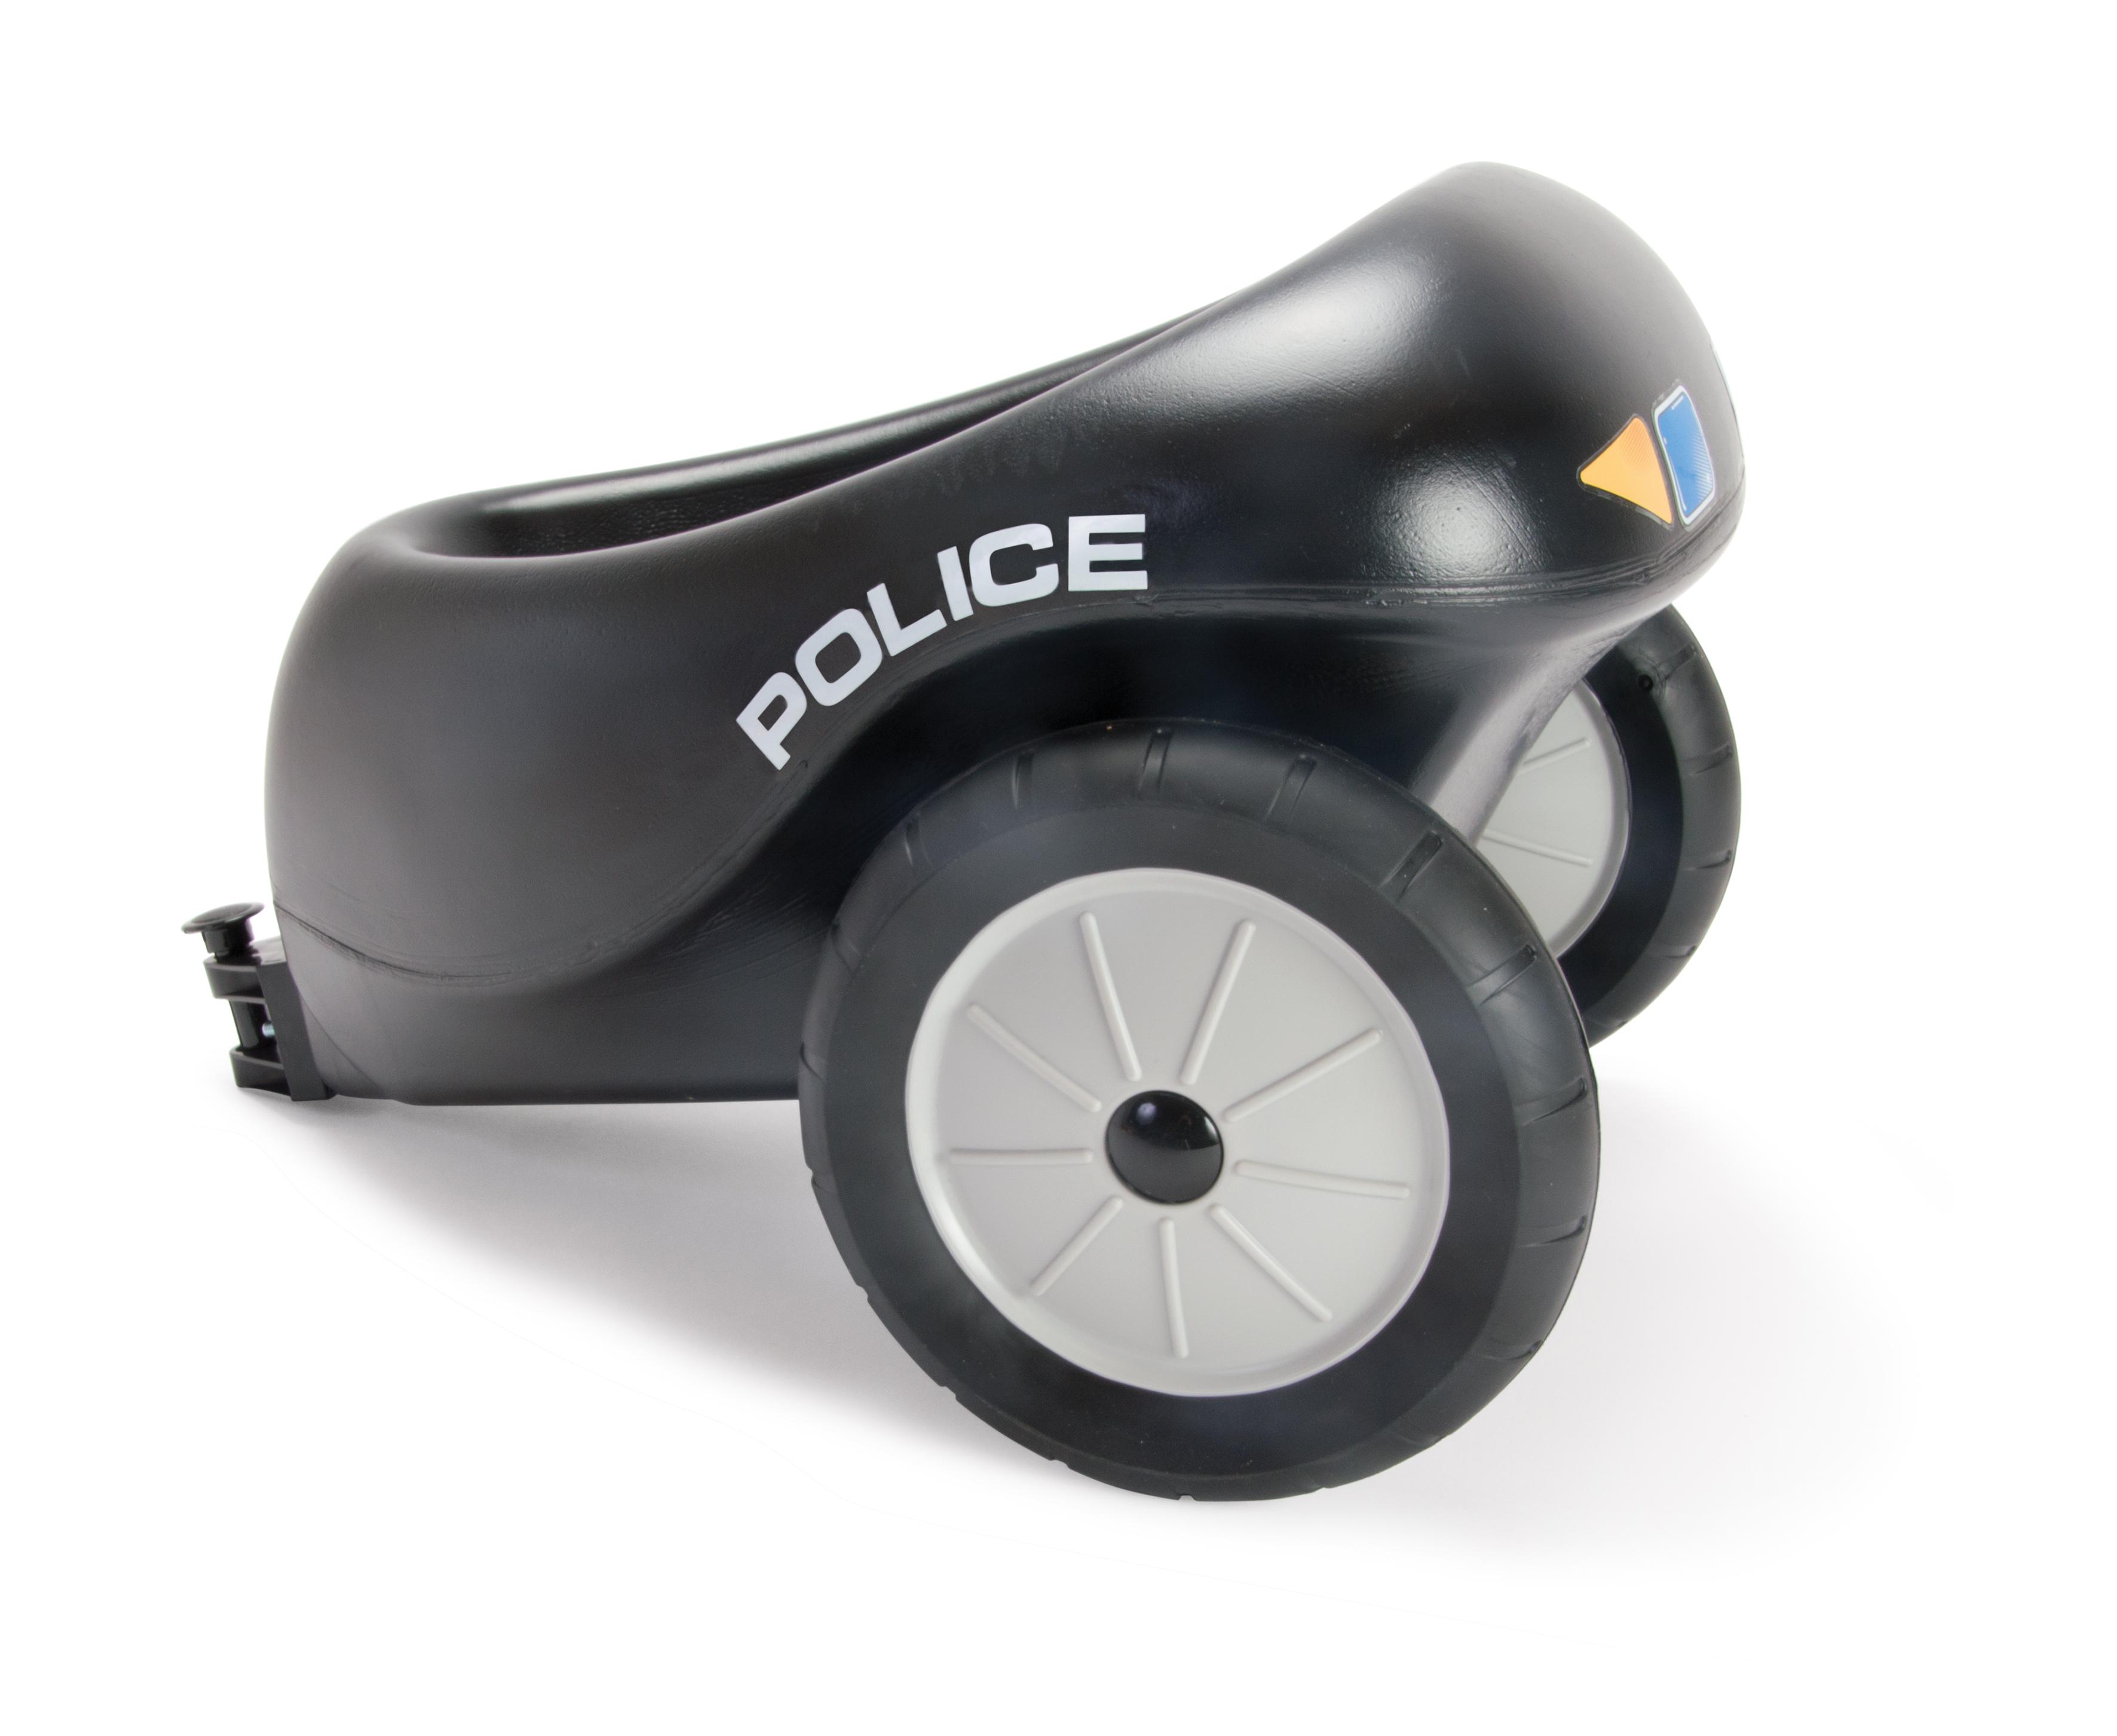 Dantoy Dantoy anhænger til politiscooter med gummihjul, 7 stk. på lager på pixizoo